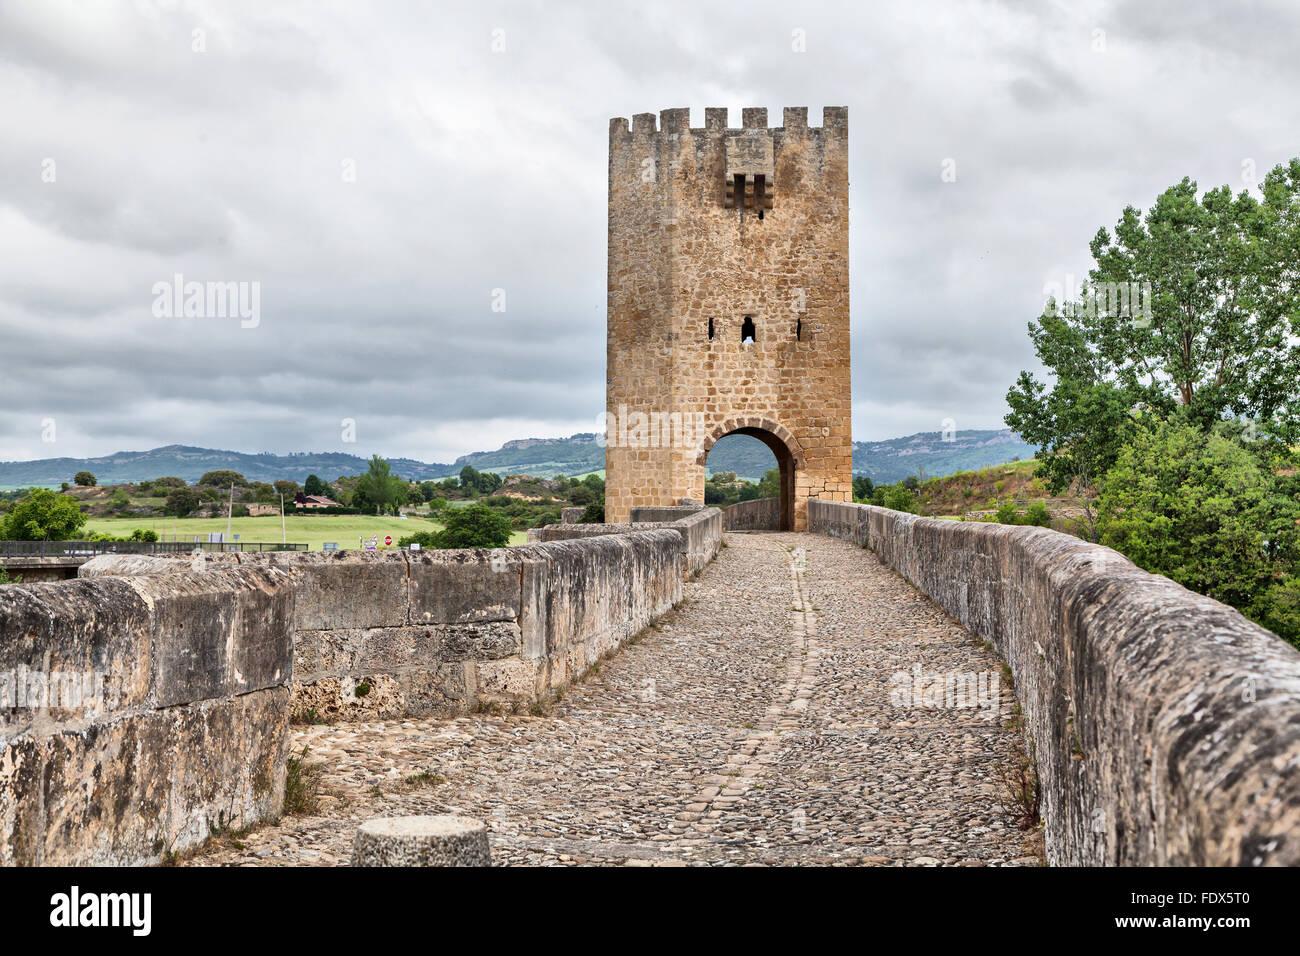 Medieval stone bridge in Frias, Burgos province, Spain - Stock Image